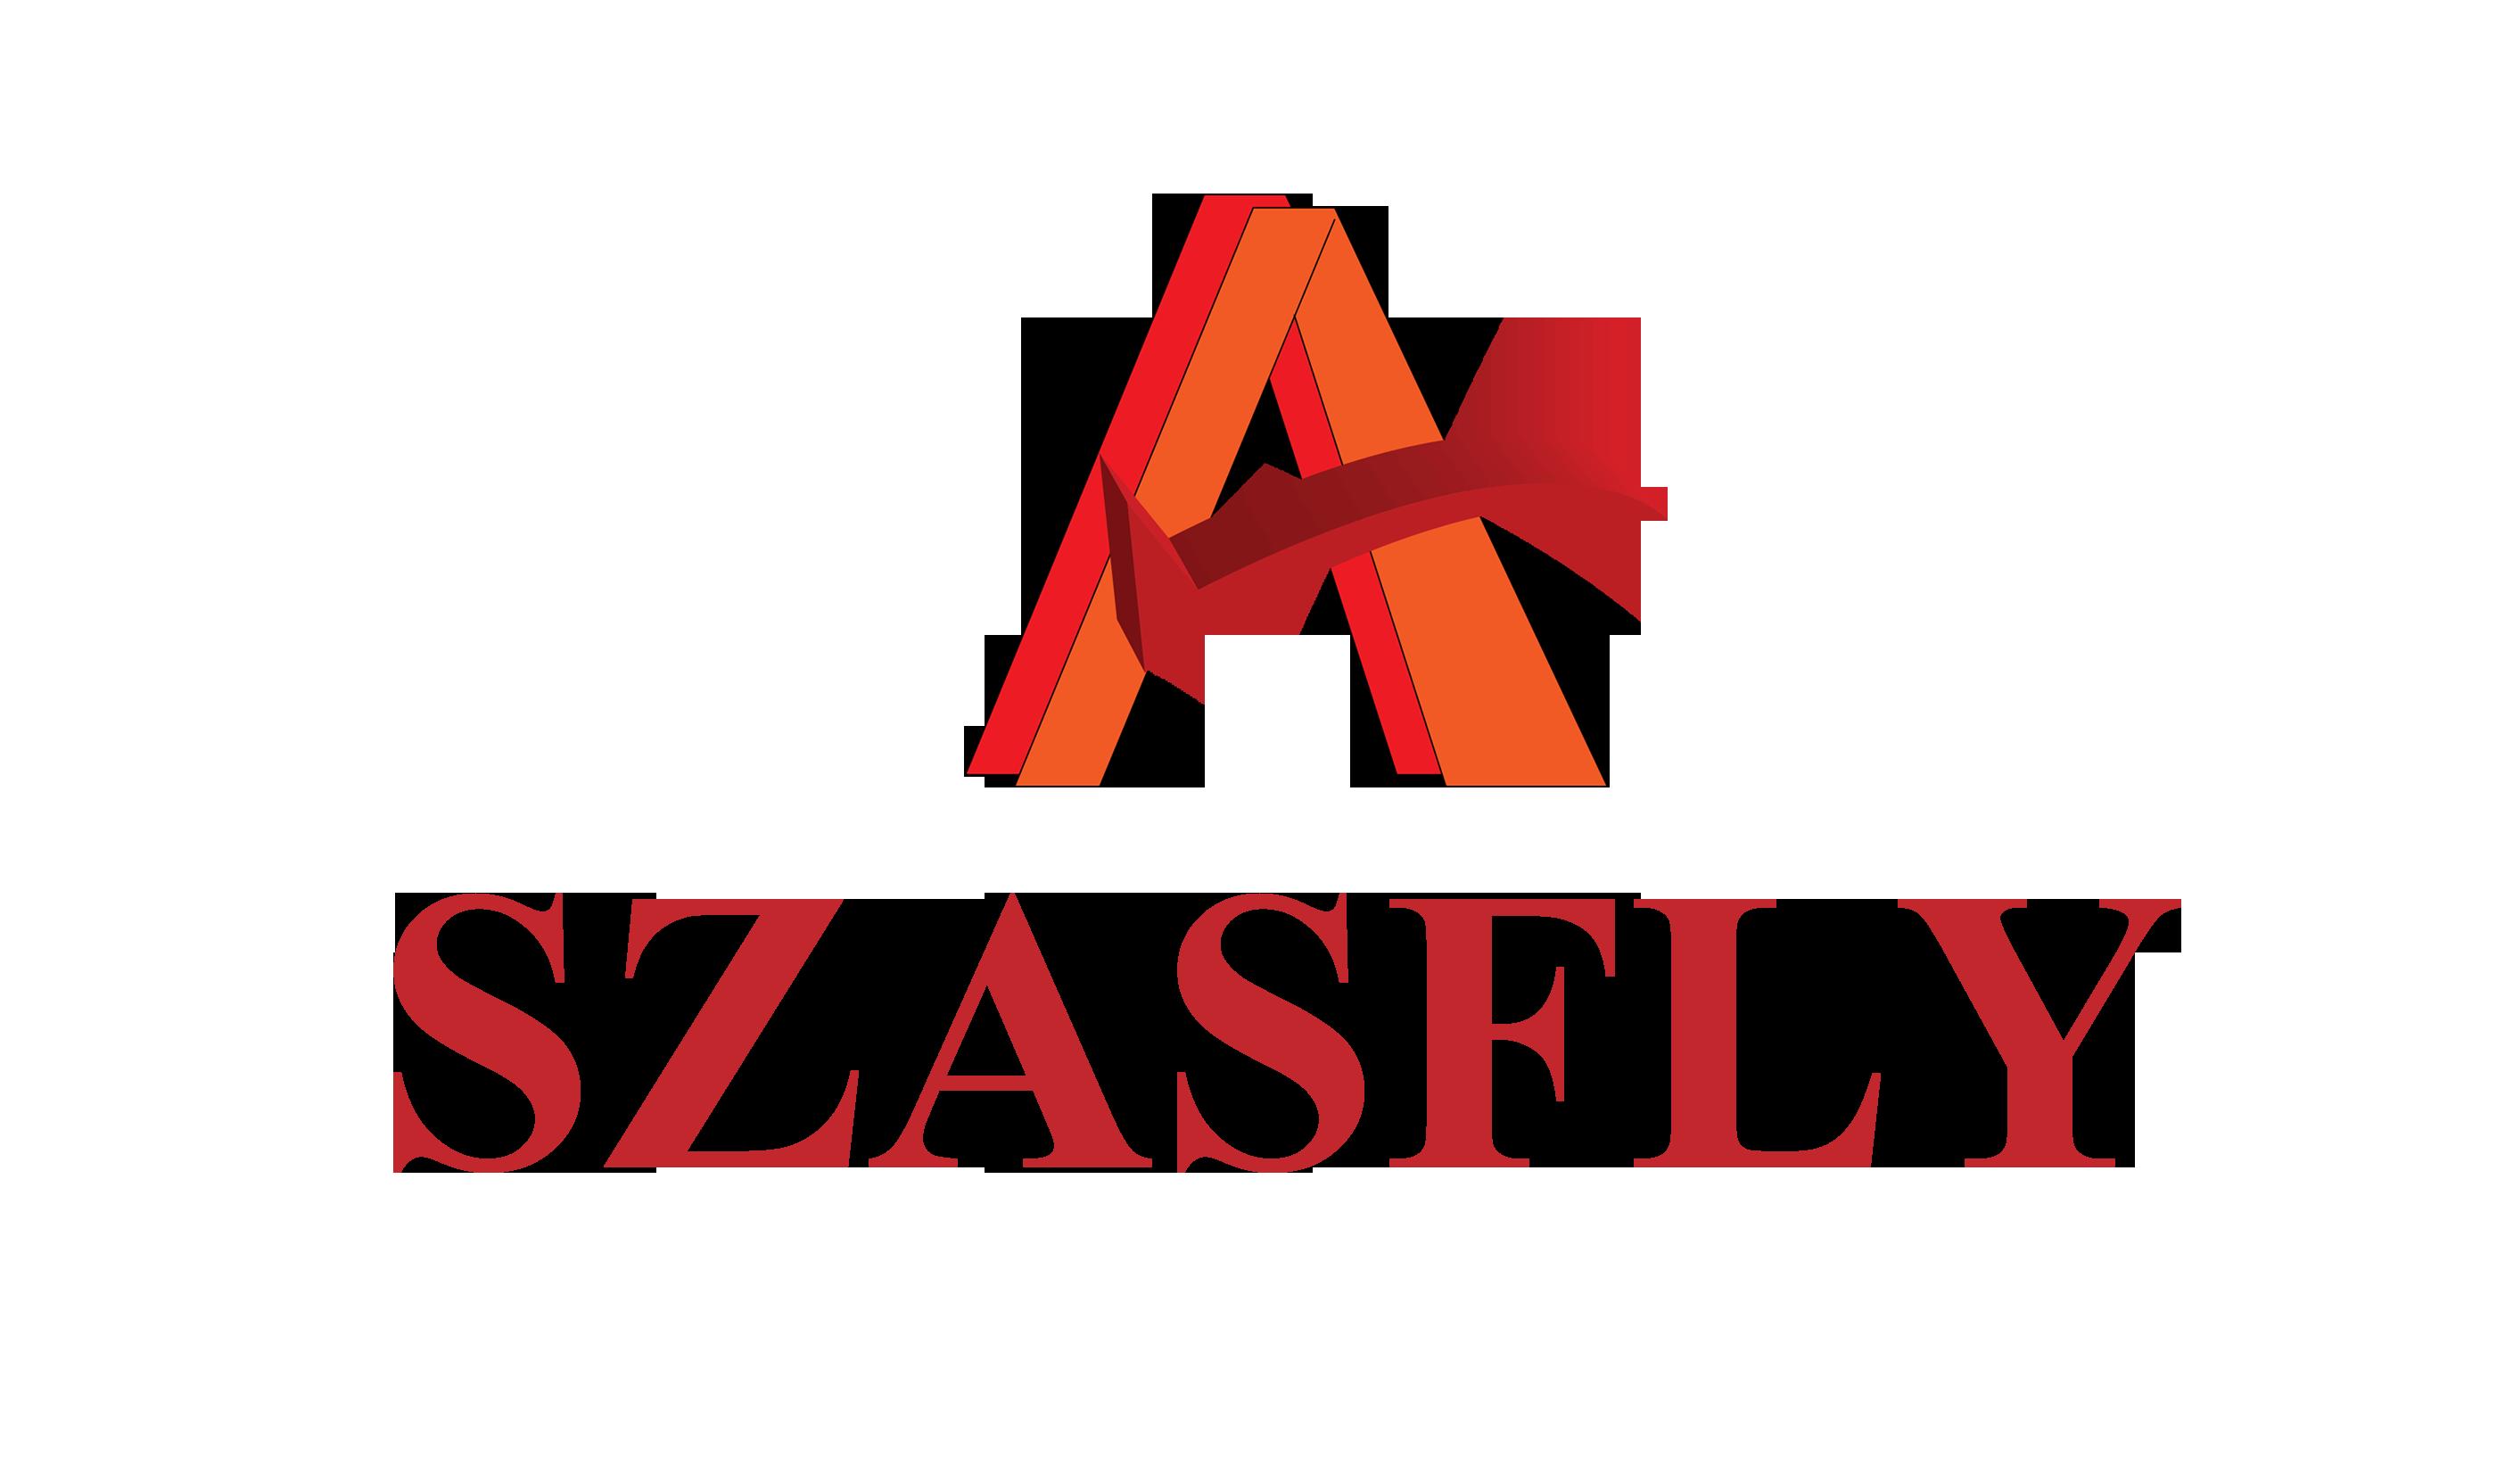 SZASFLY